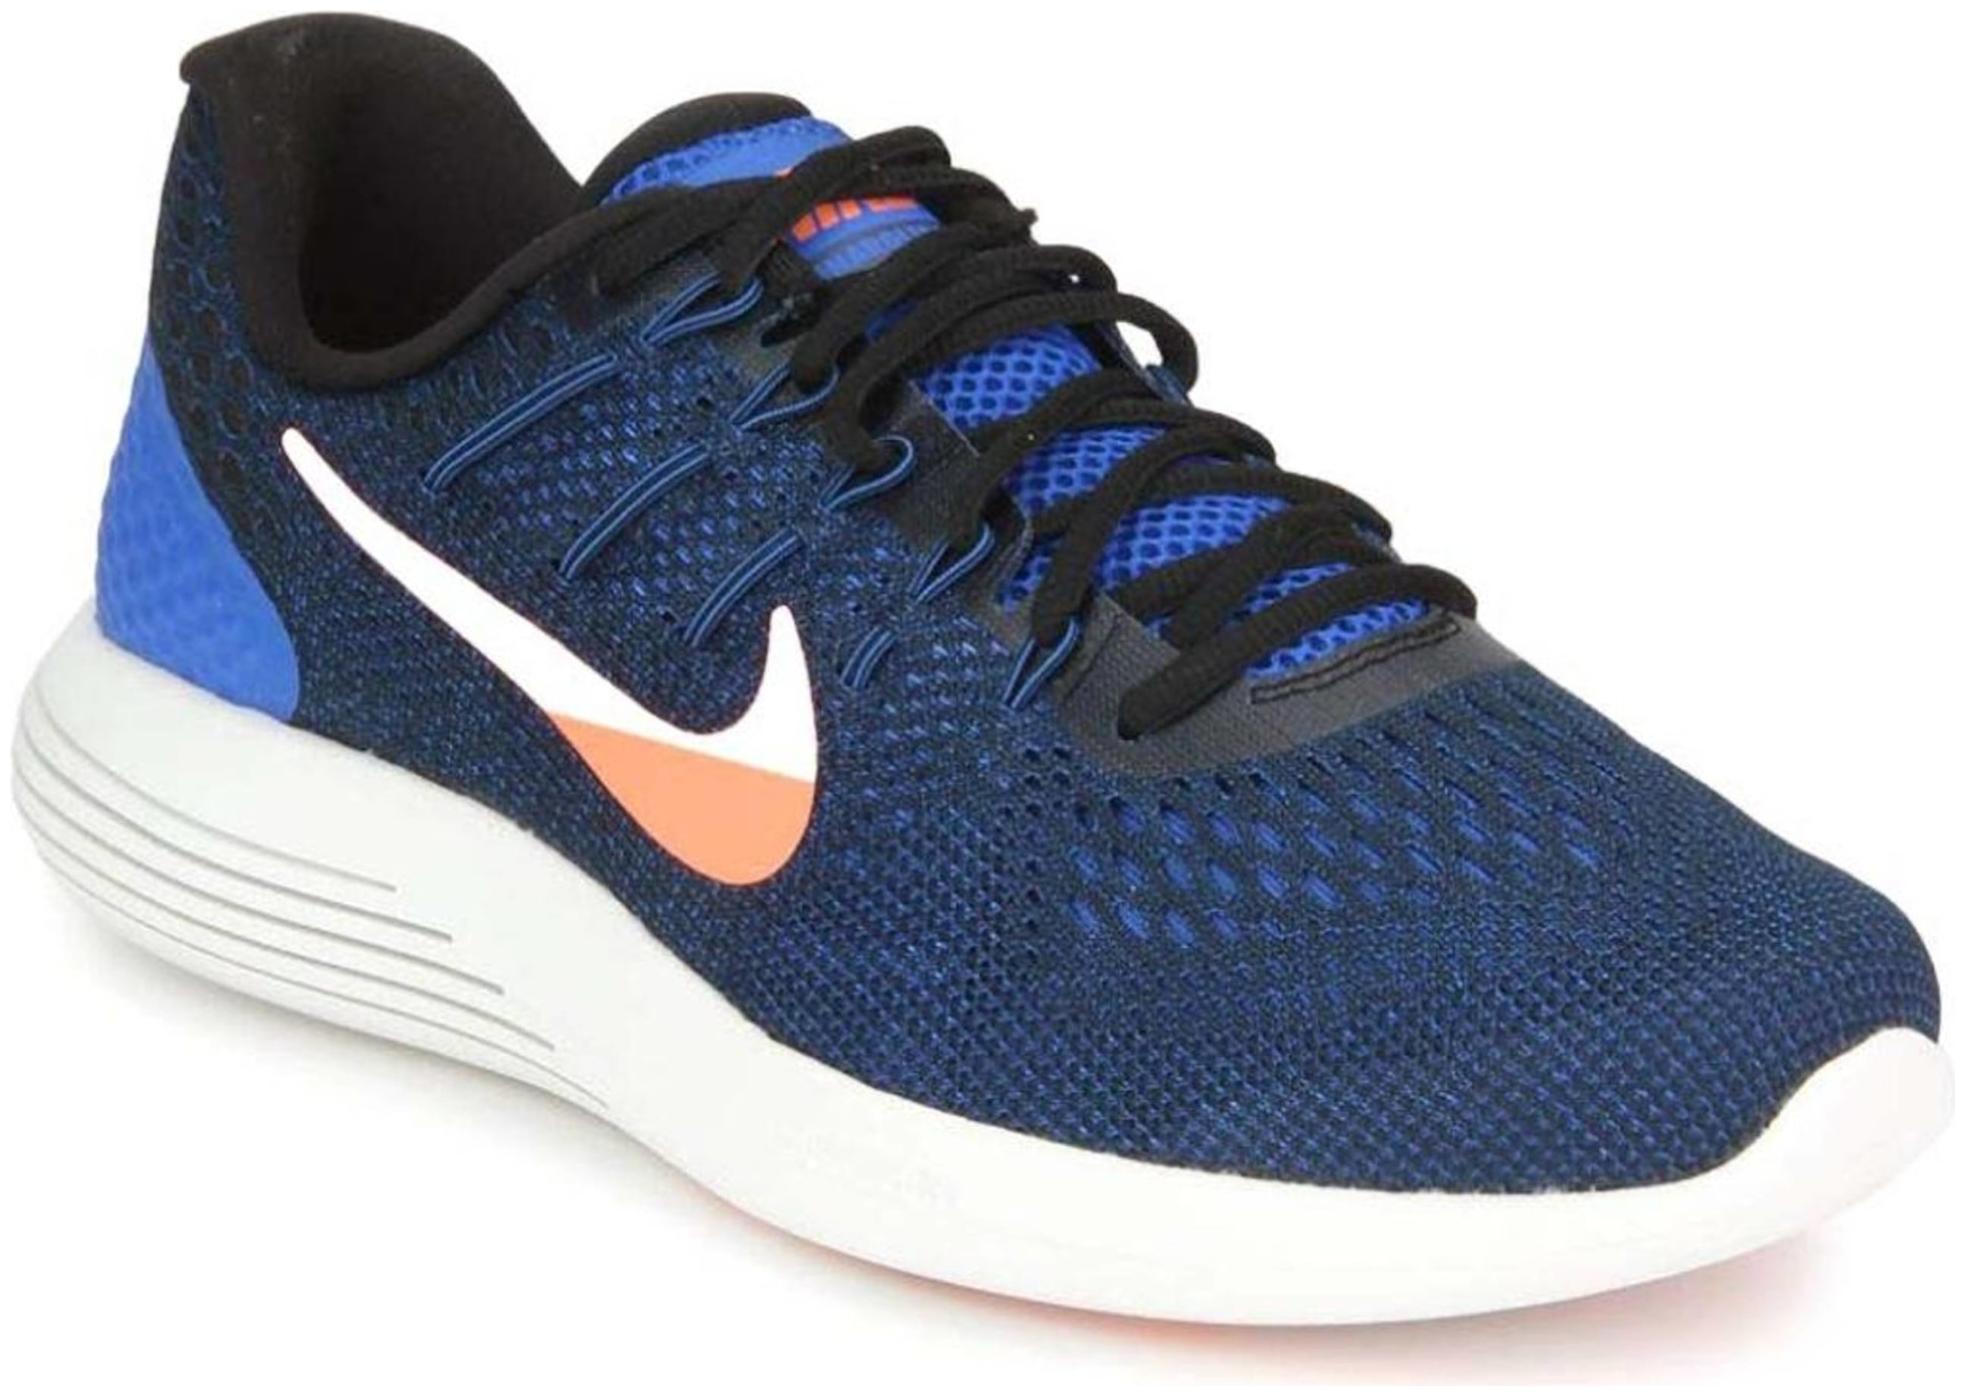 ae9f9115fdfbc Nike Men Blue Running Shoes - 843725-402 for Men - Buy Nike Men s ...